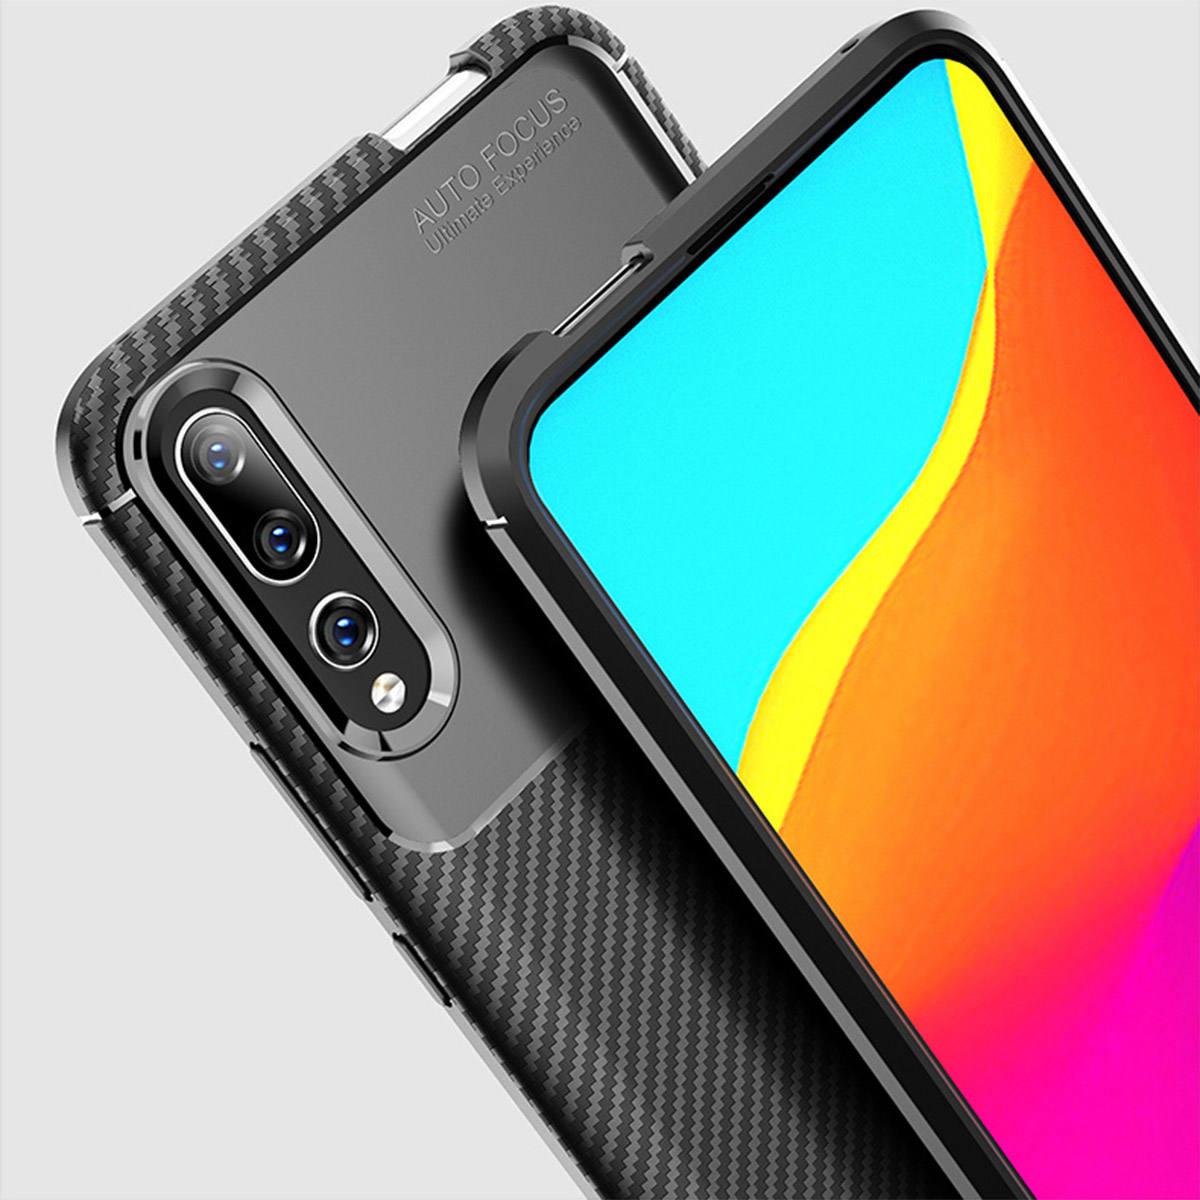 کاور لاین کینگ مدل A21 مناسب برای گوشی موبایل هوآوی Y9 Prime 2019 / آنر 9X thumb 2 14